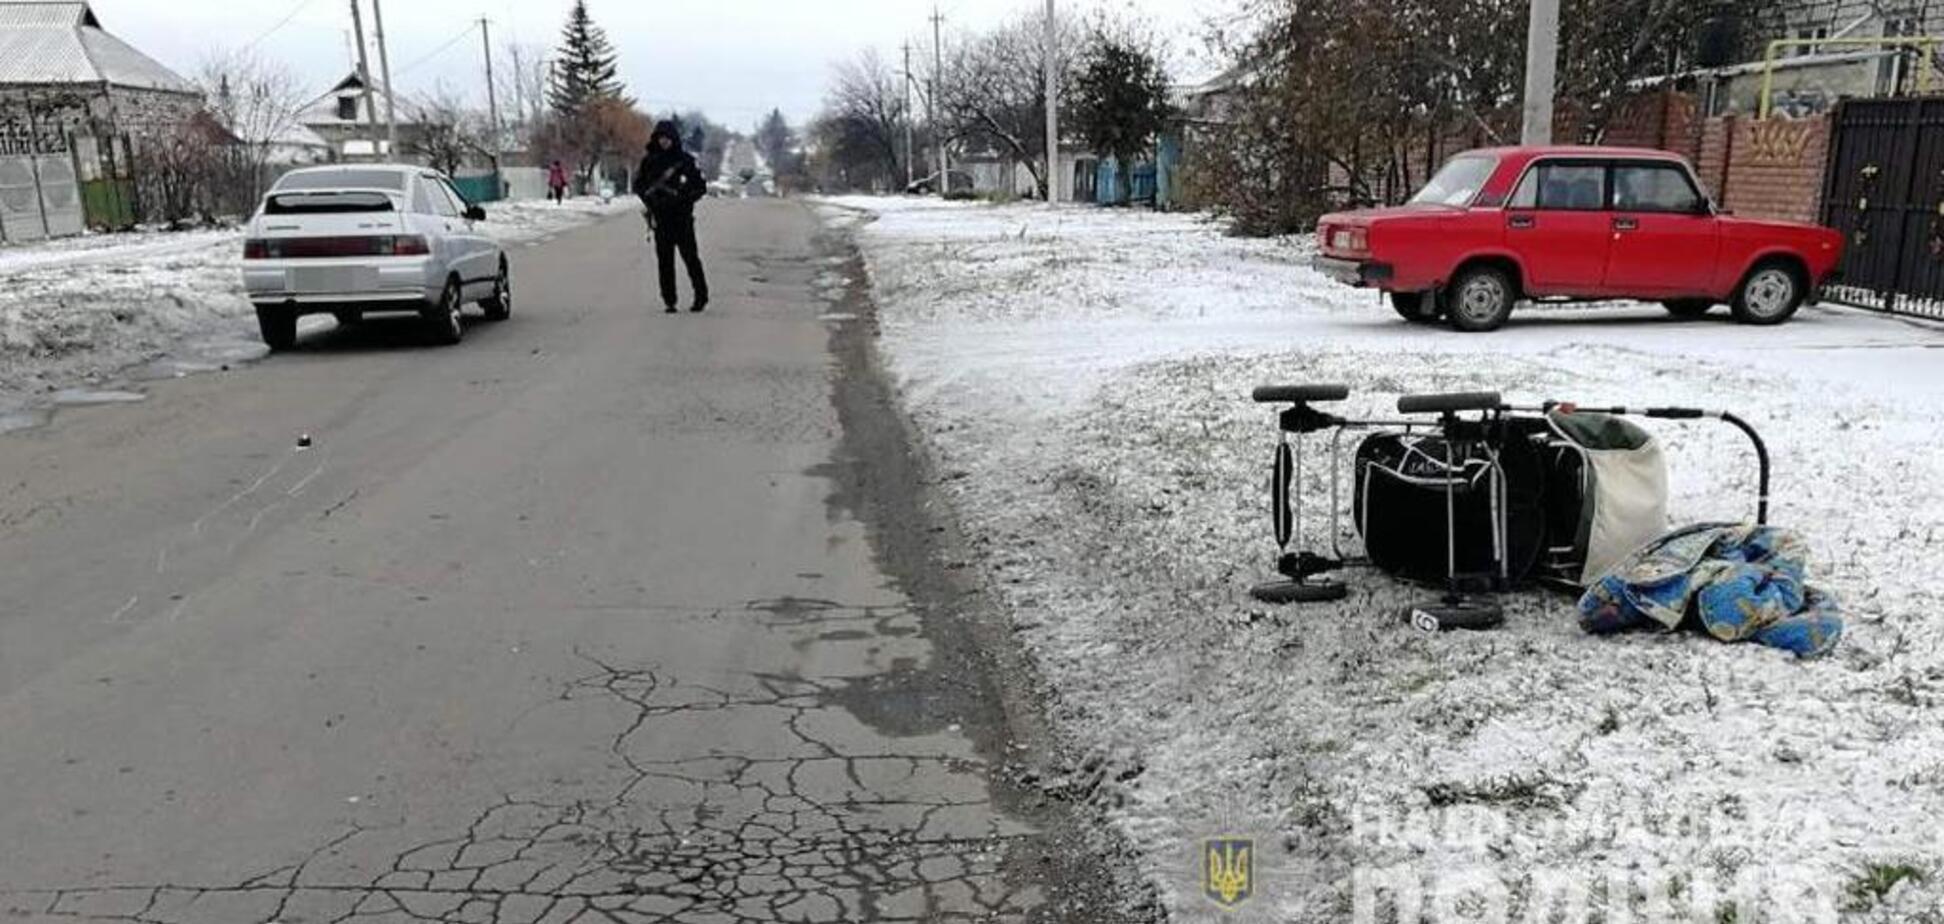 Под Днепром пьяный сбил беременную с ребенком: фото